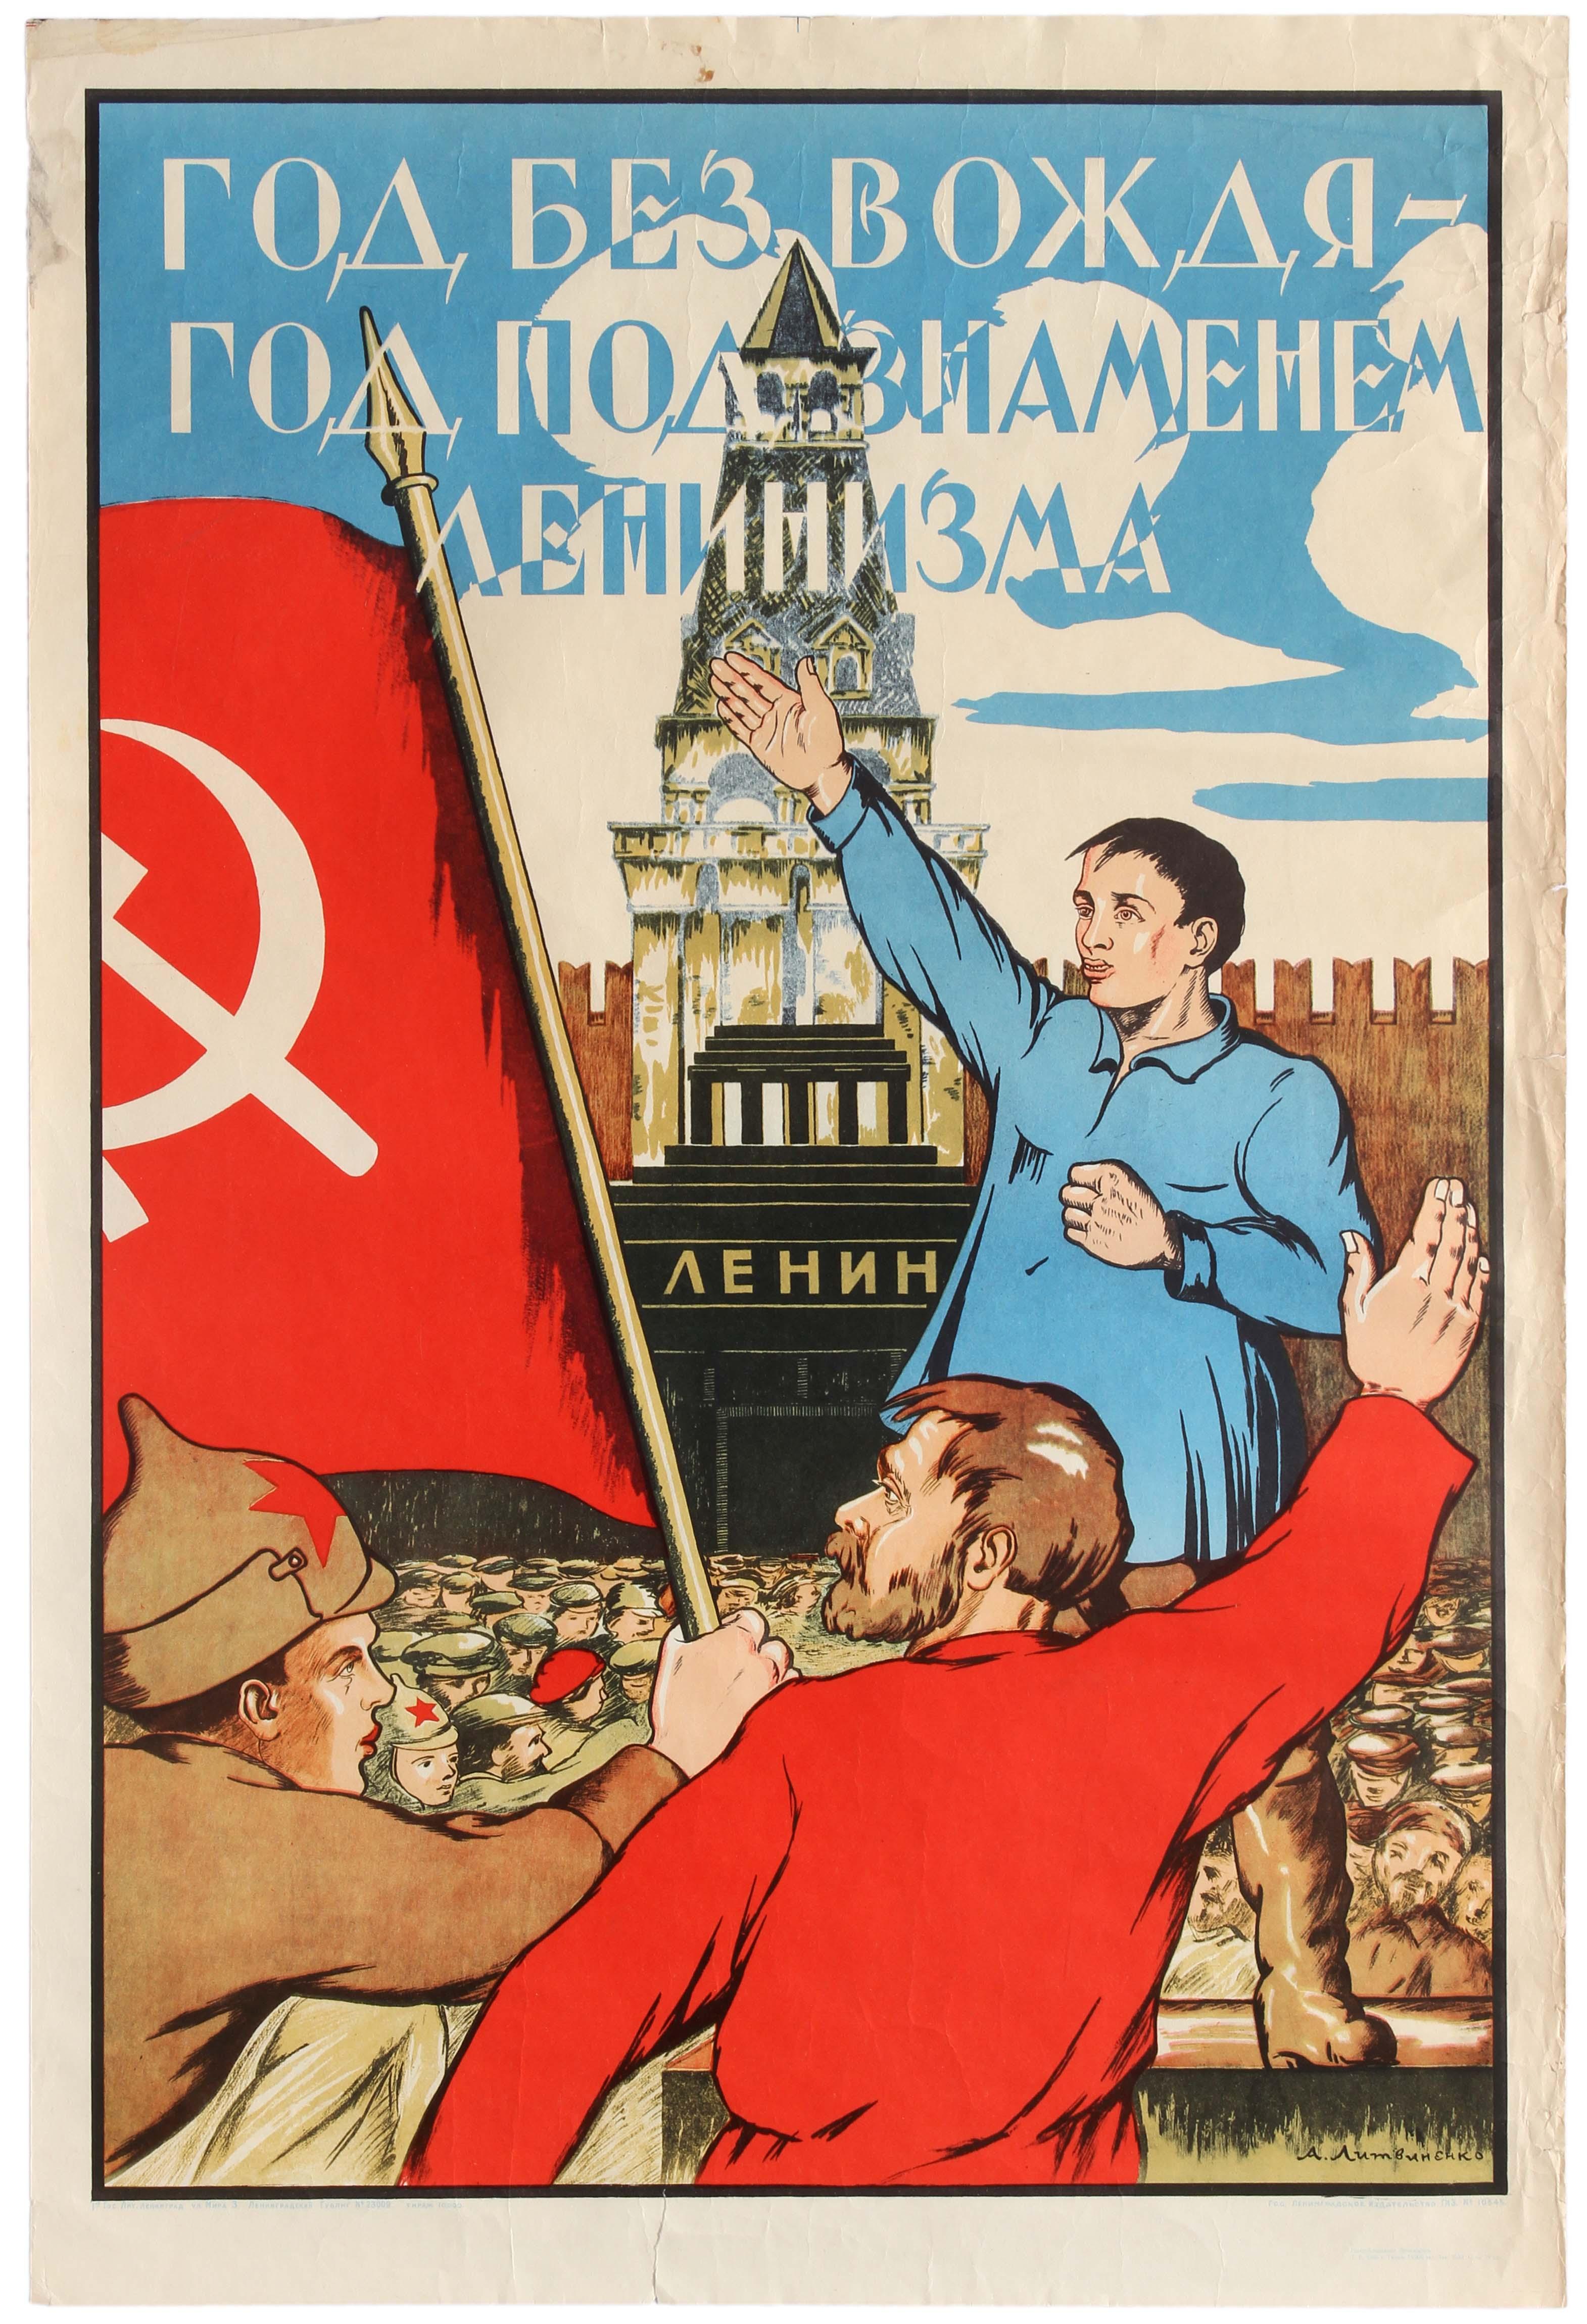 Lot 2 - Propaganda Poster Soviet Lenin Moscow USSR